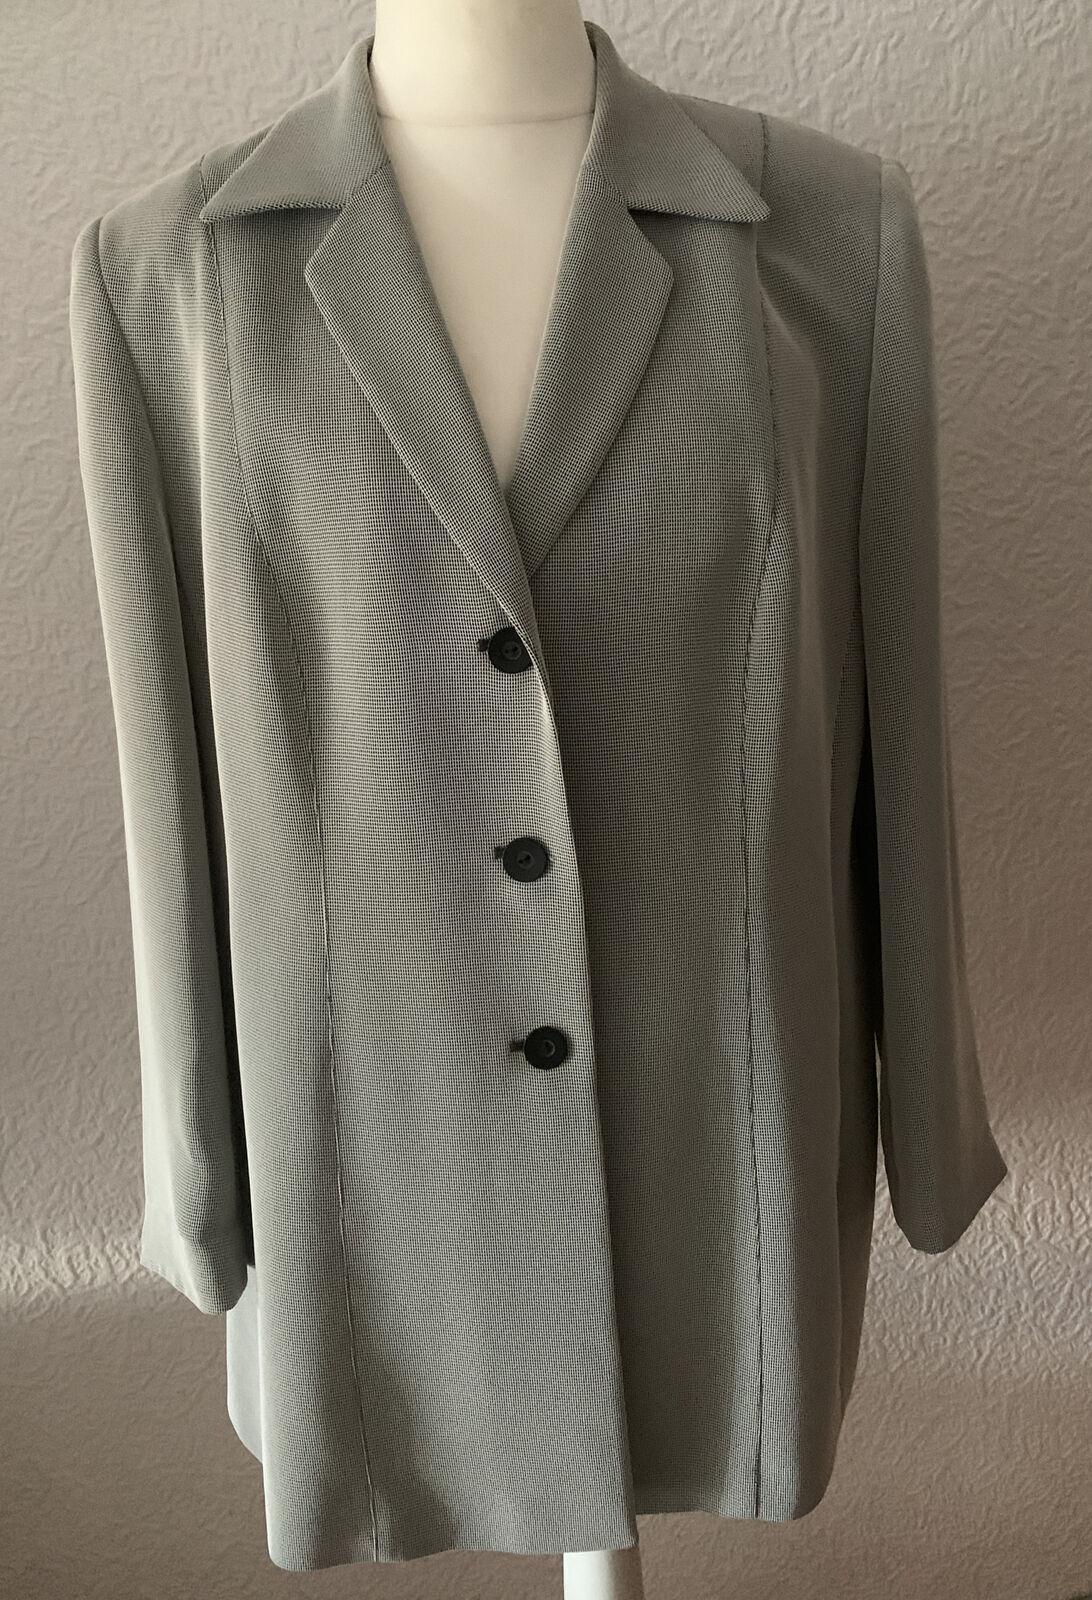 Gerry Weber 3-pieces Suit, Womens Size 46,44,42 MINT CONDITION